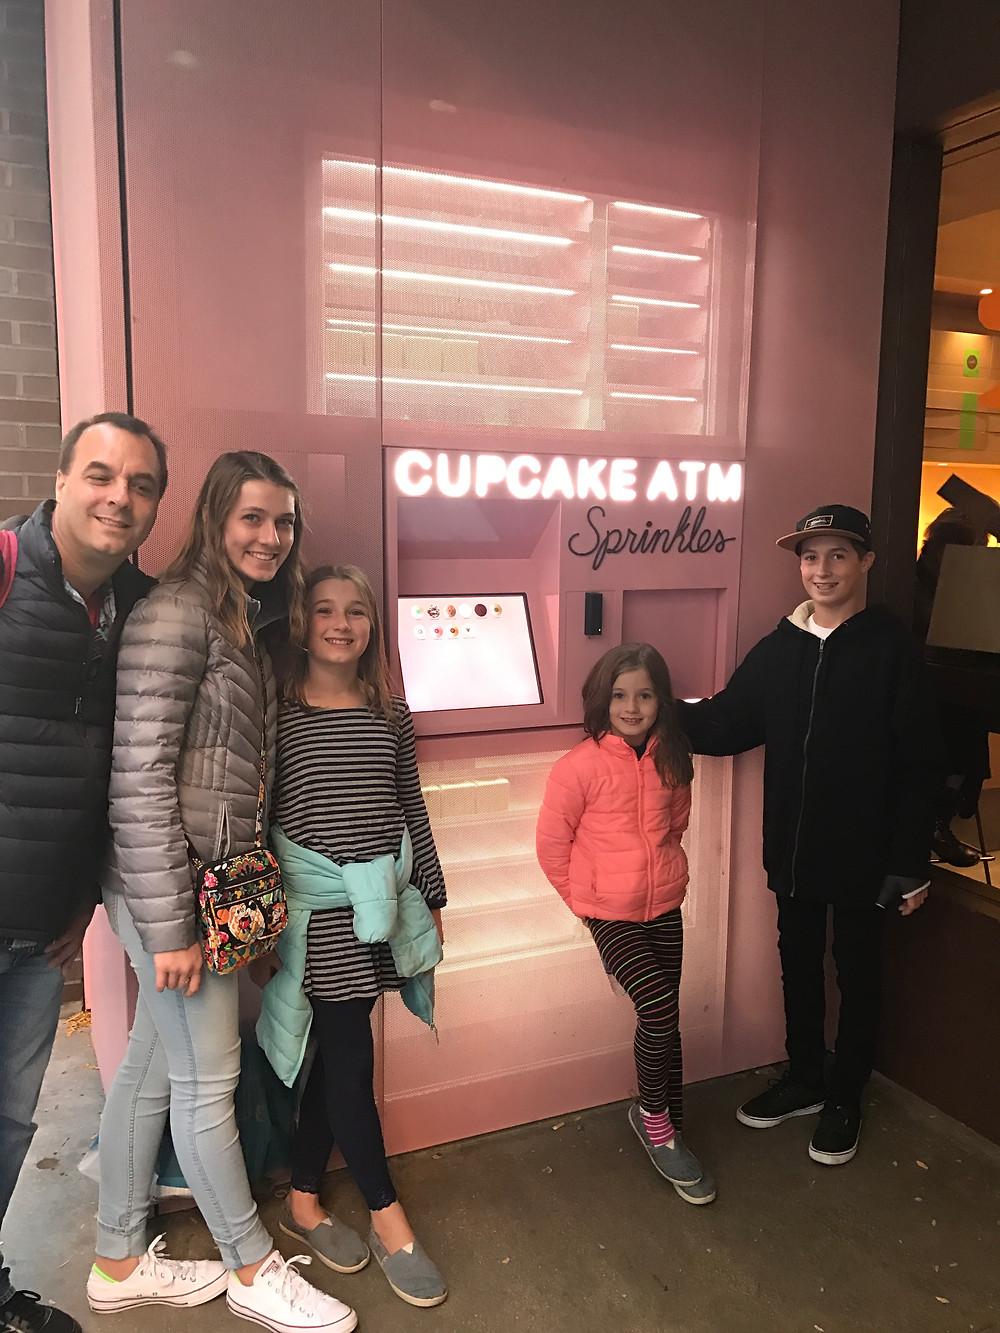 Cupcake dispensary